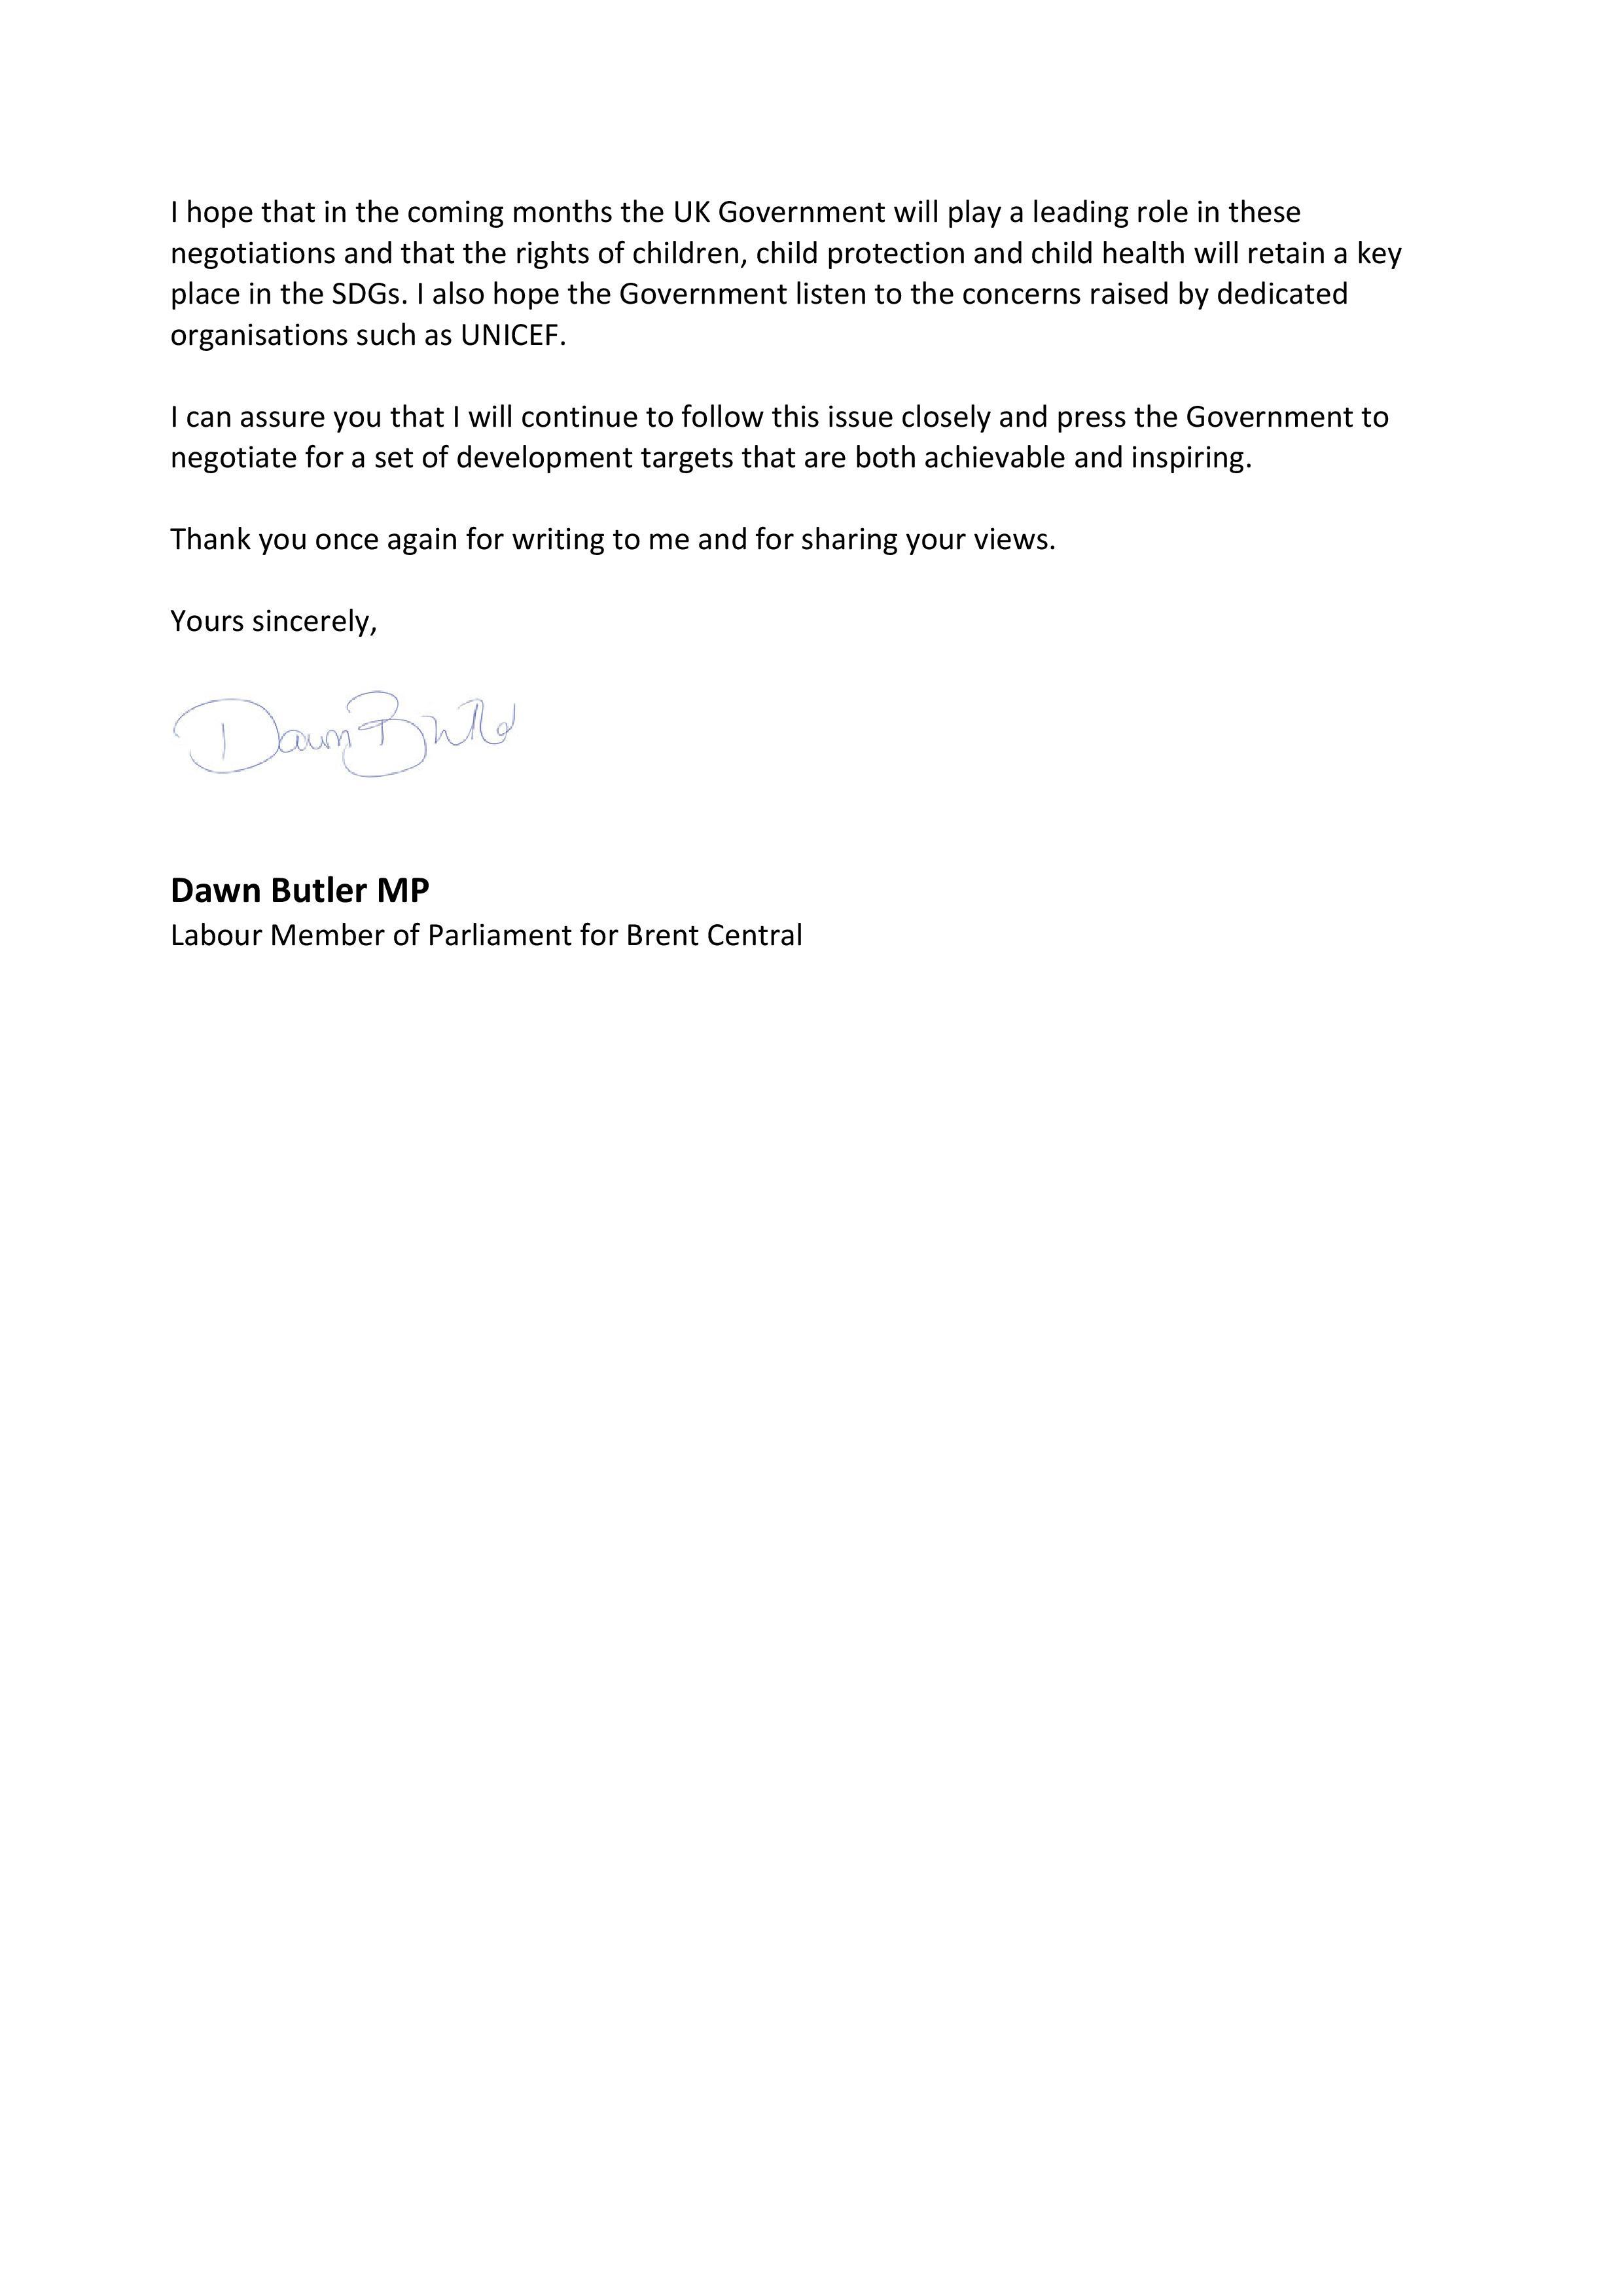 Violence_against_Children_letter-page-002.jpg